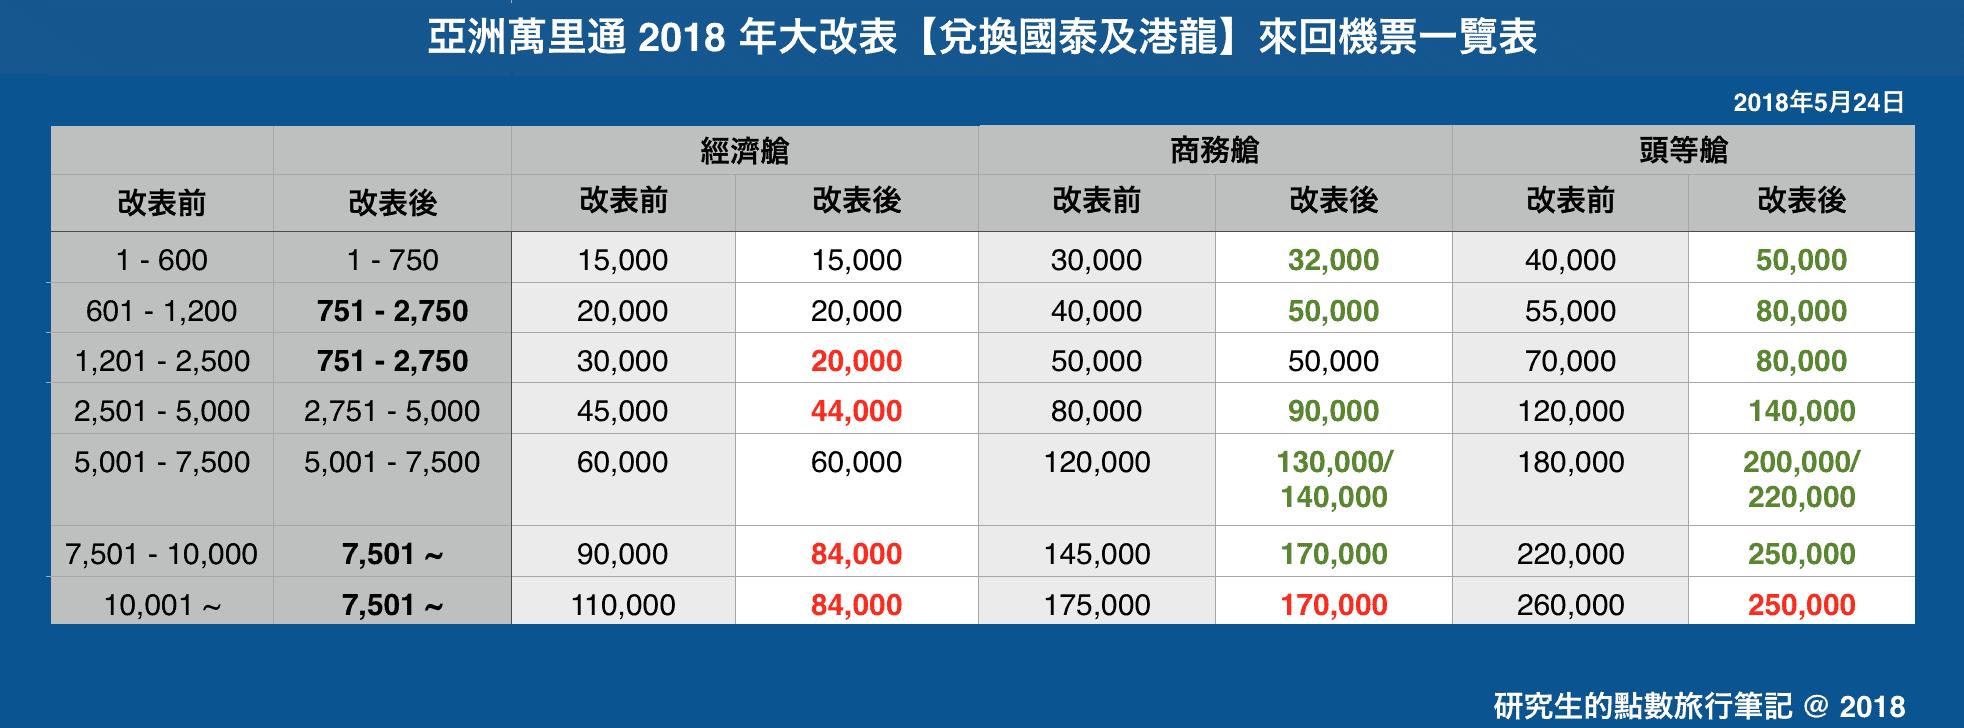 亞洲萬里通 2018 年大改表【兌換國泰及港龍】來回機票一覽表